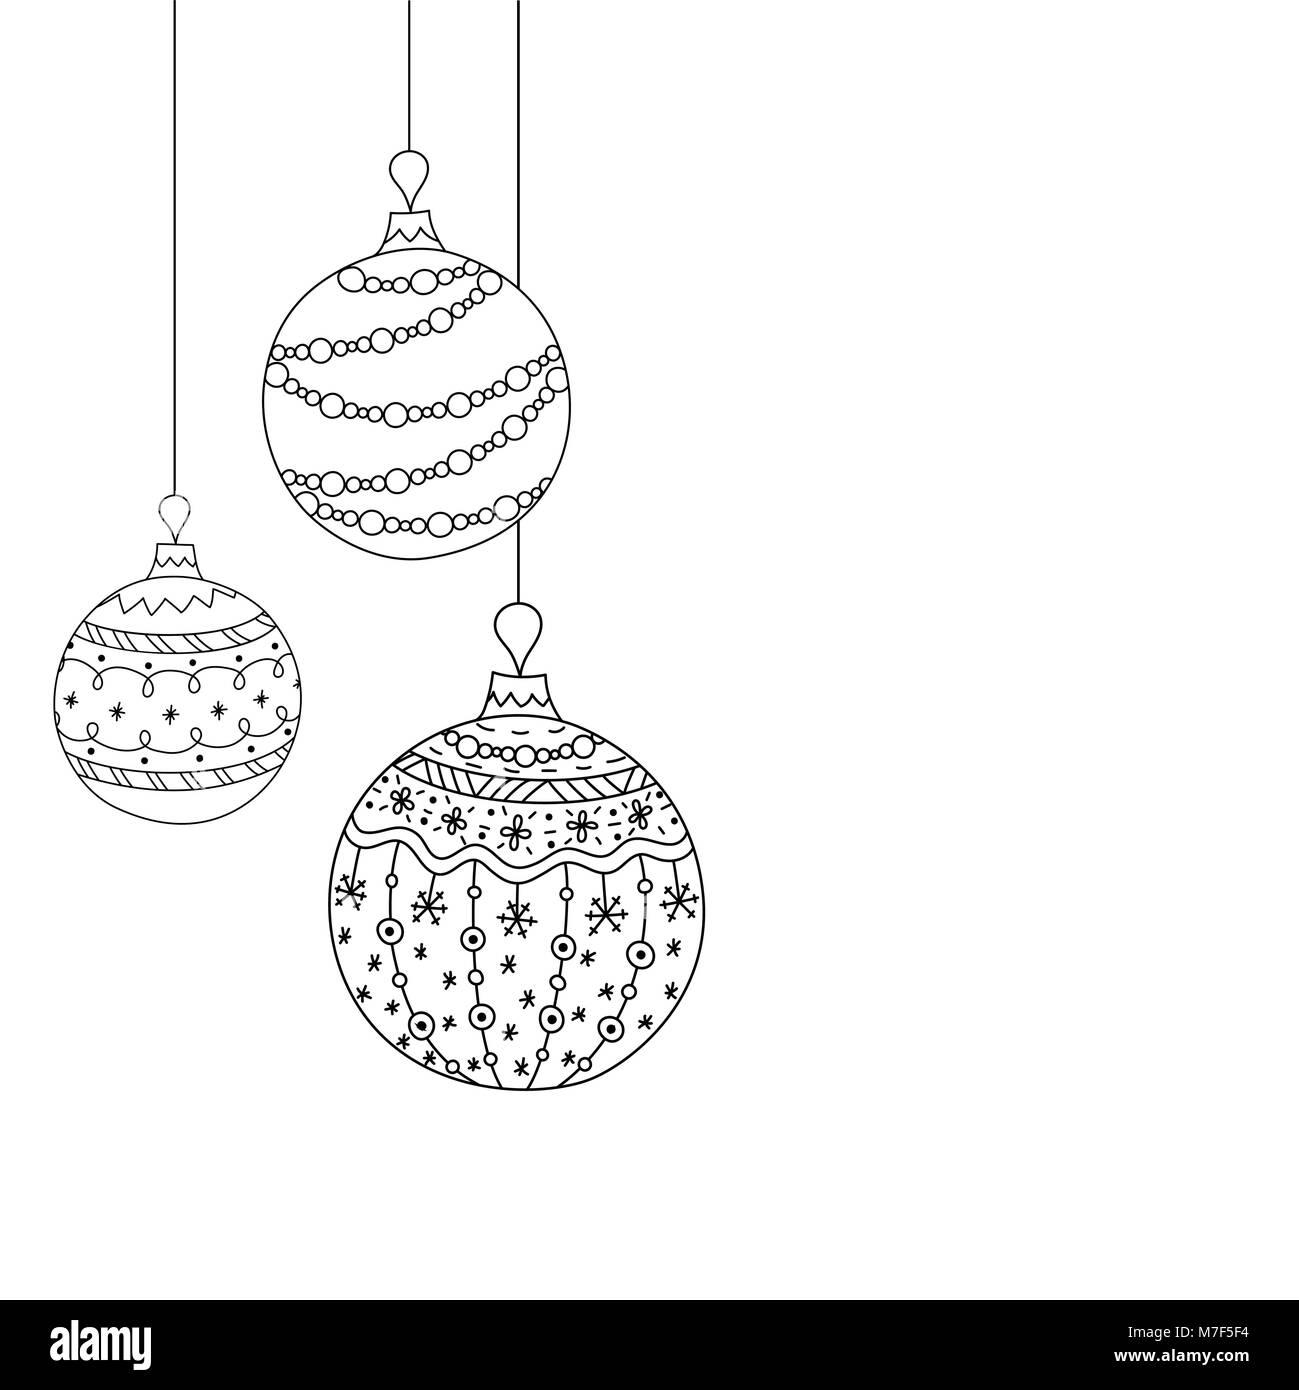 Bolas De Navidad Dibujos Para Colorear.Tarjeta De Invitacion De Navidad Vectores De Tres Bolas De